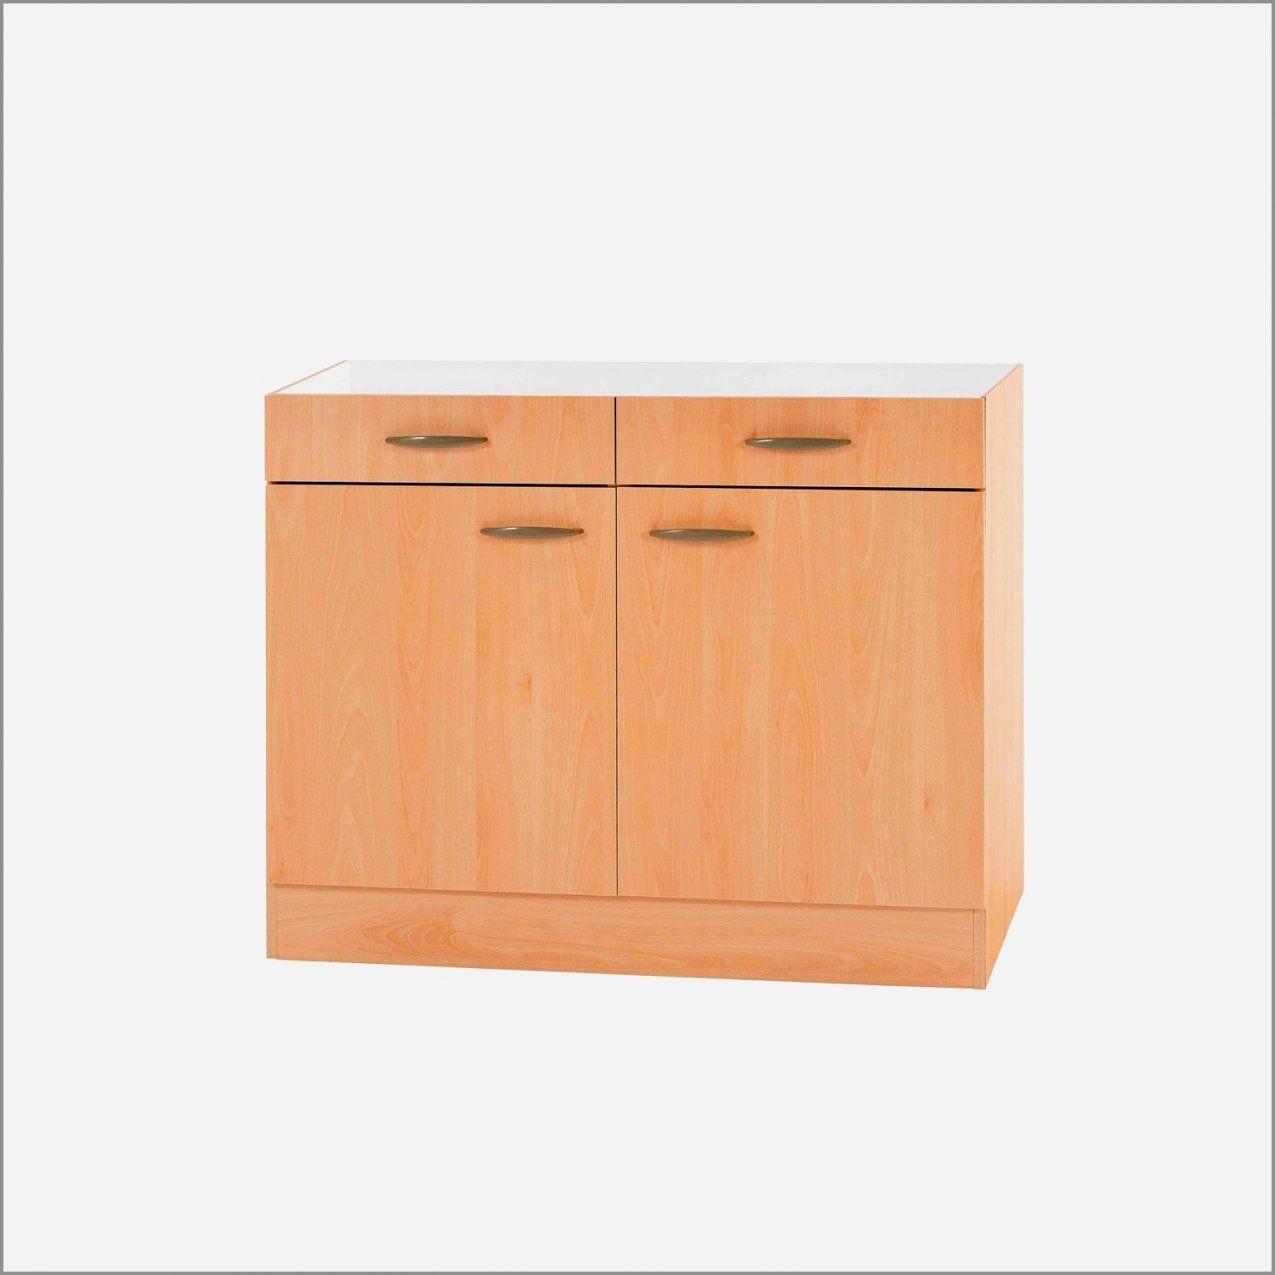 Schrank 30 Cm Tief Fresh Wunderbar Küchenschrank 35 Cm Tief von Küchenschrank 35 Cm Tief Photo